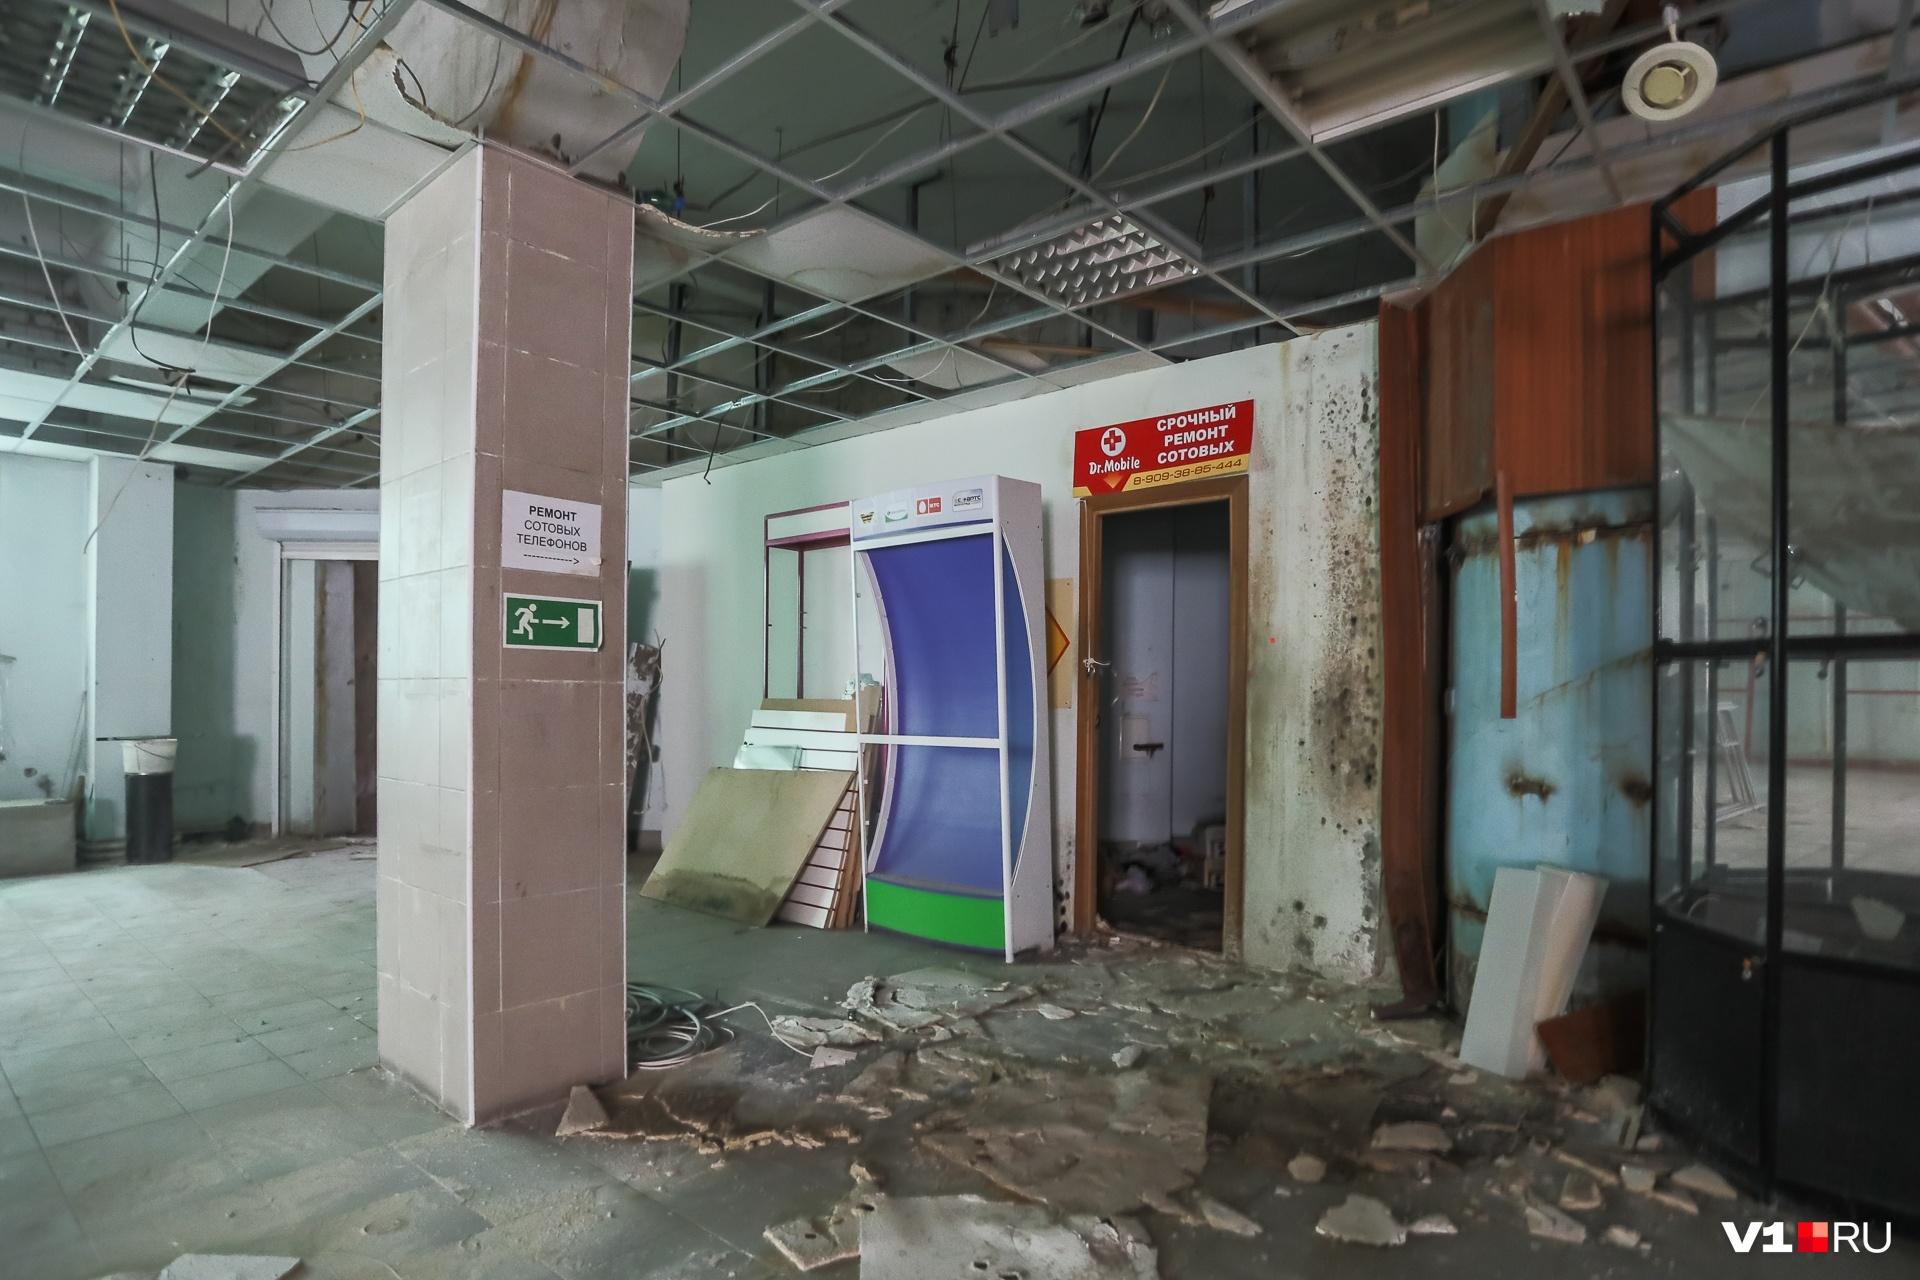 Редкие указатели и таблички немного скрашивают серые пустые помещения